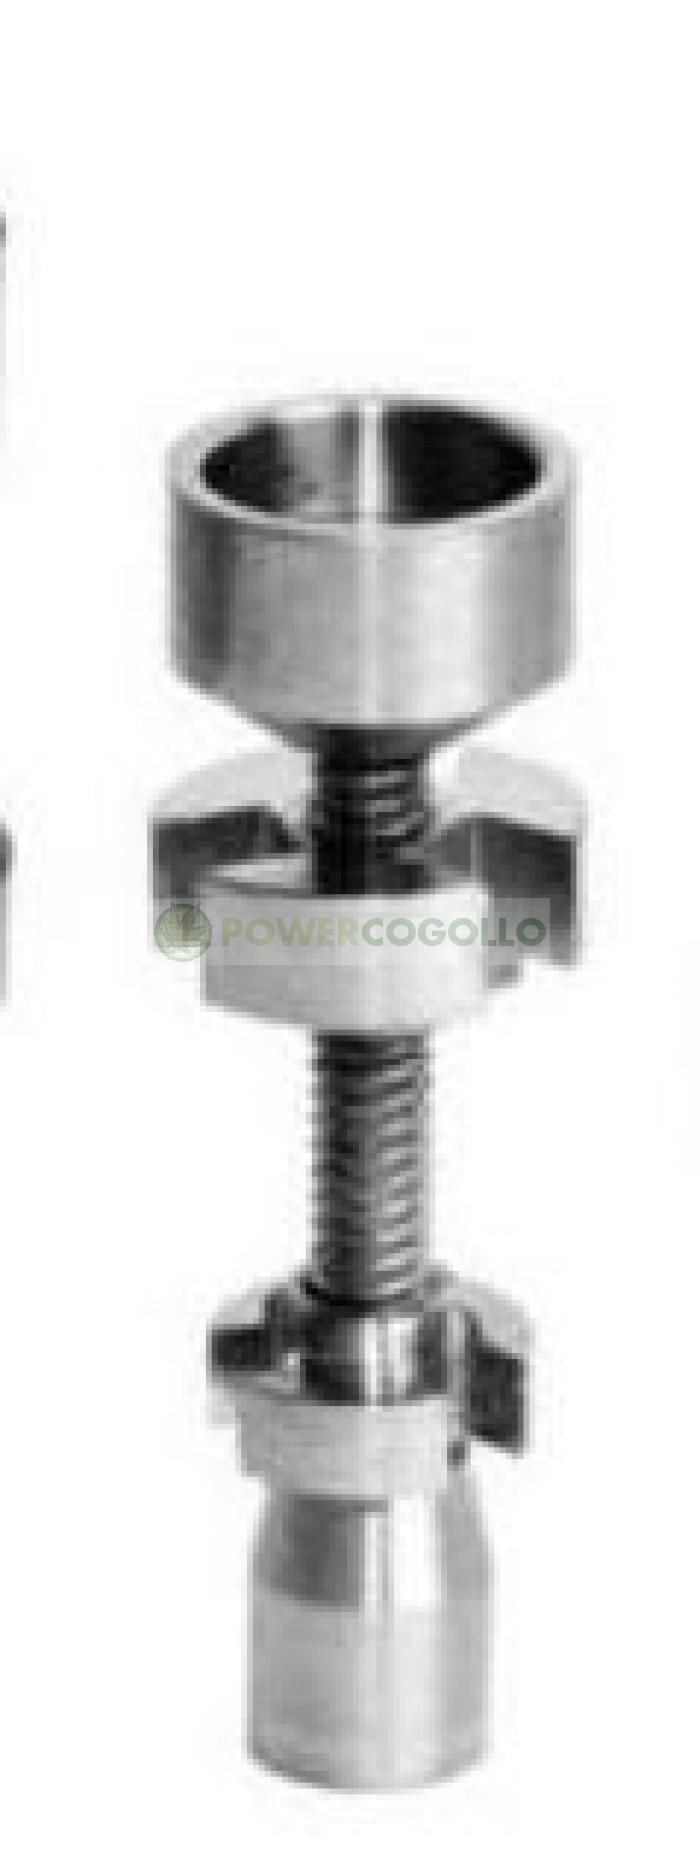 Tornillo Ajustable Titanio 14-18mm para fumar BHO y Resinas